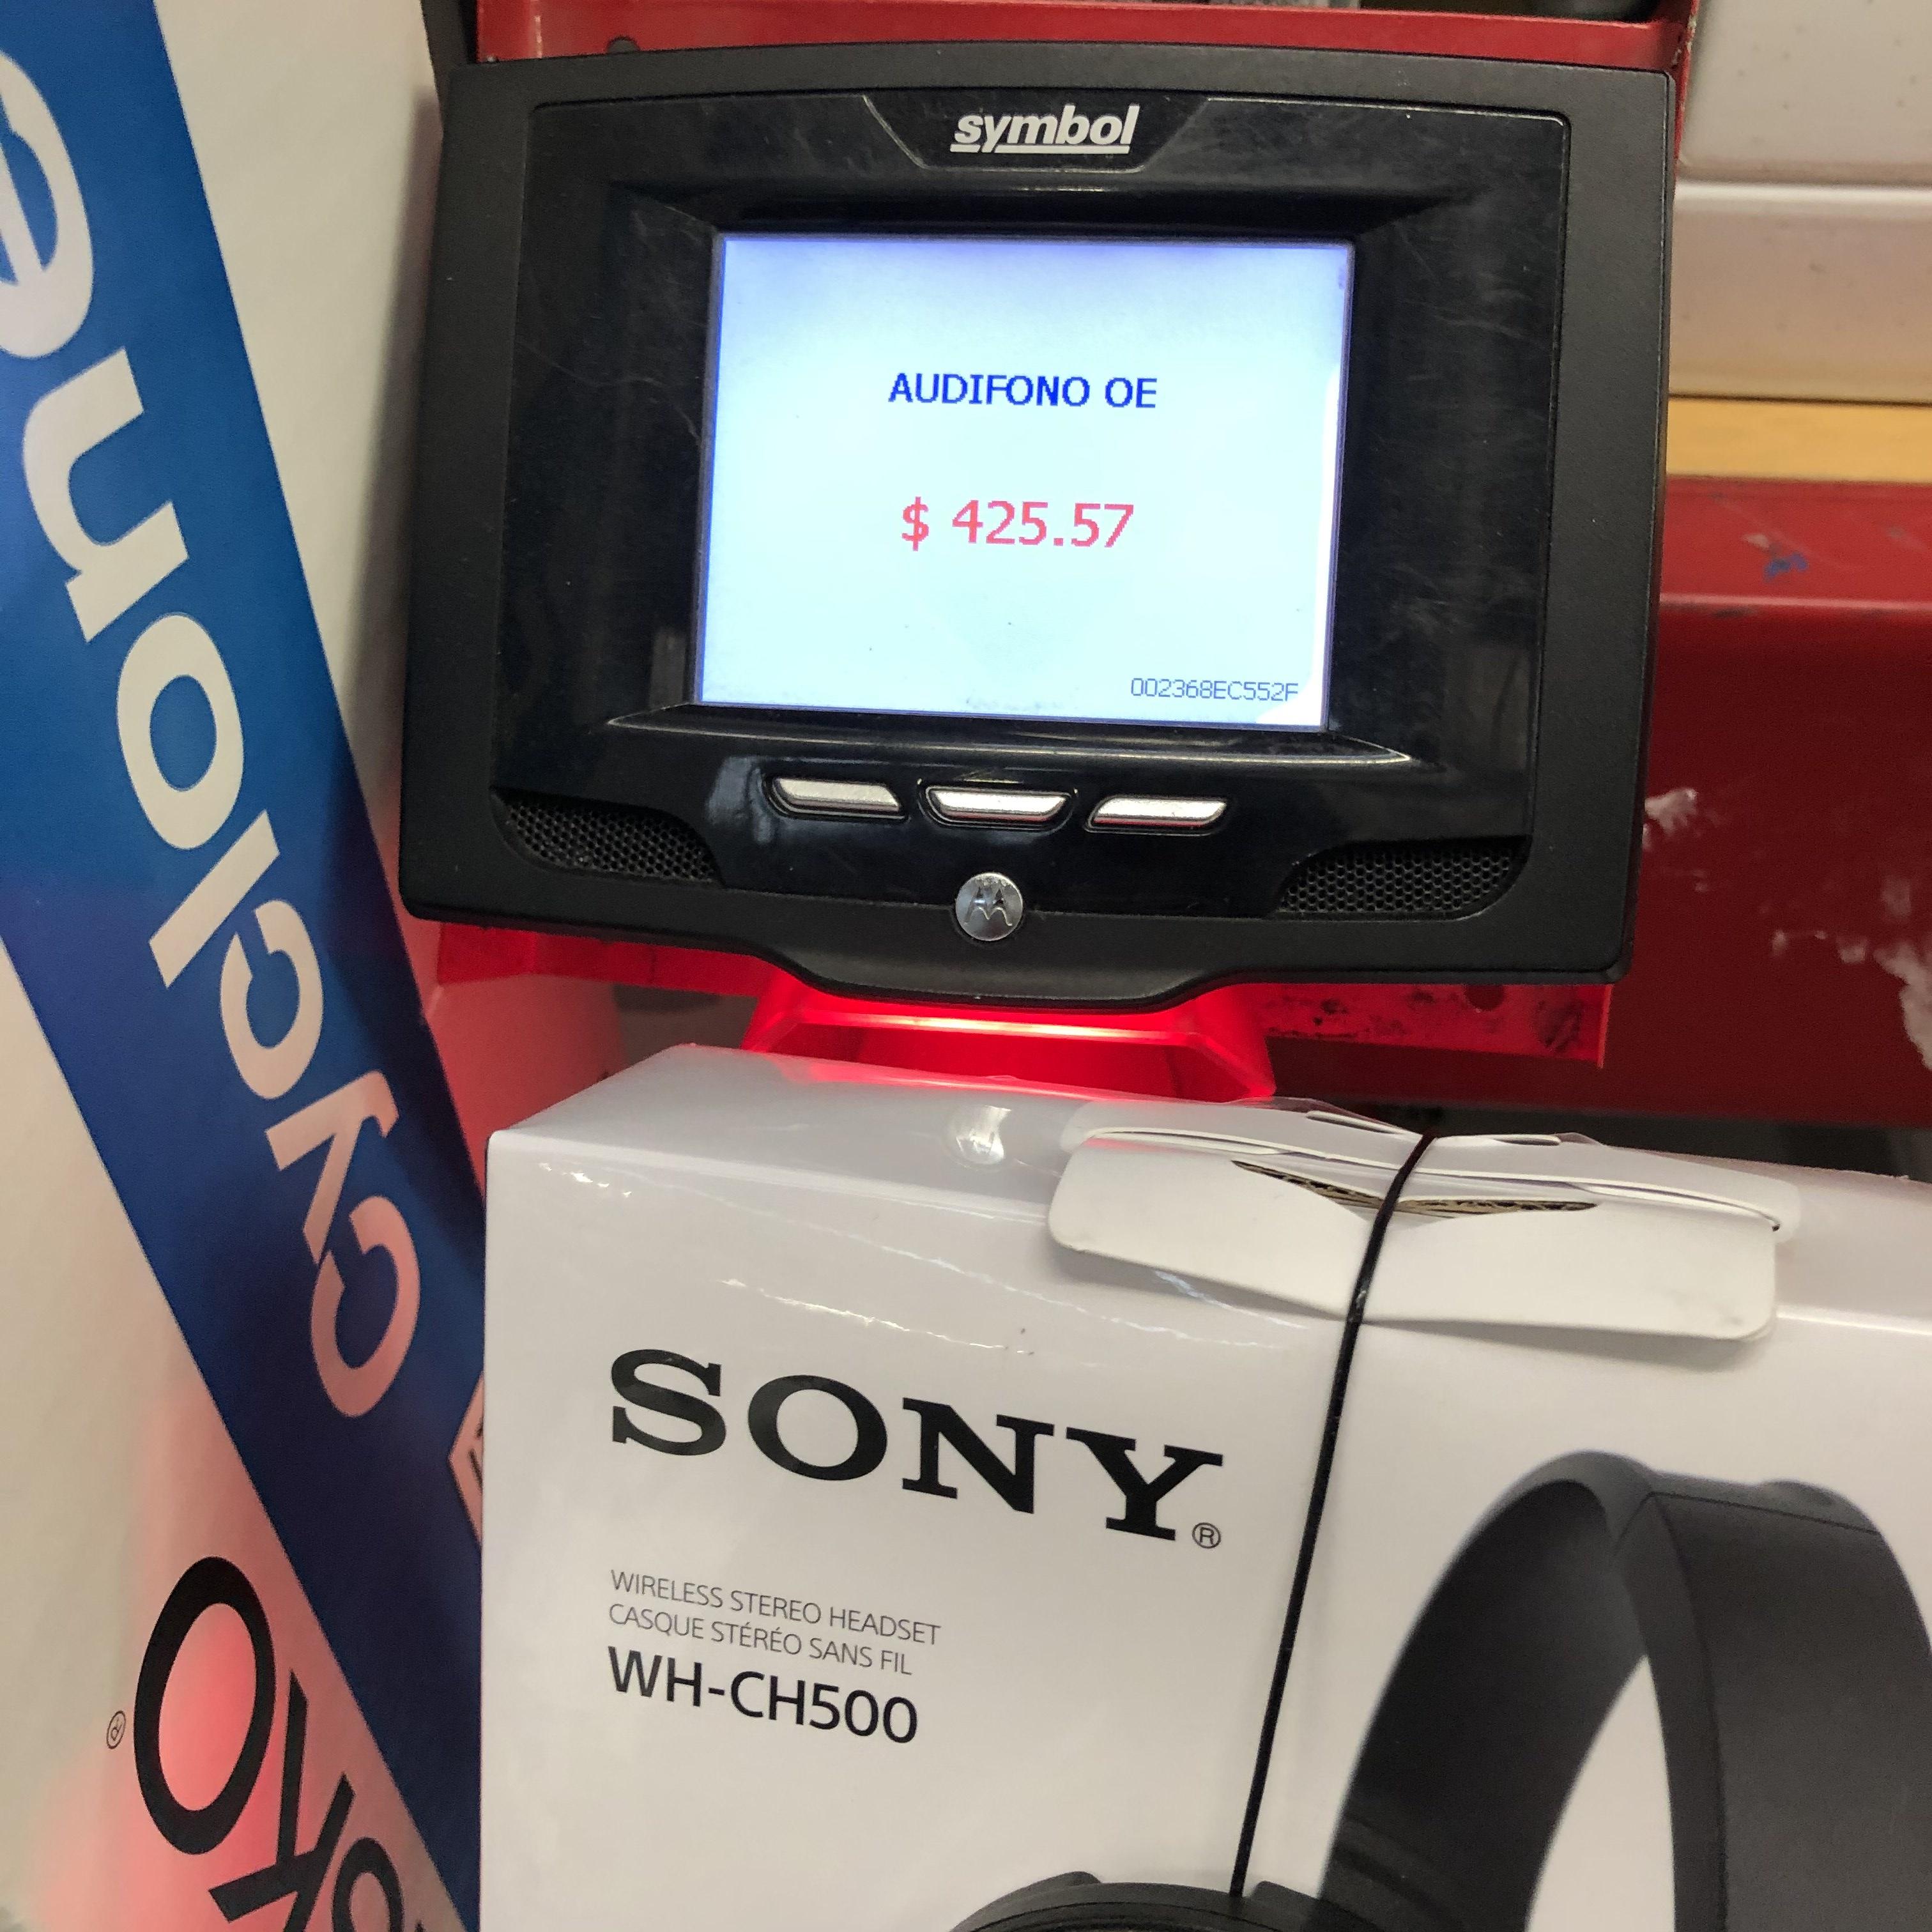 Sams Club: Pachuca, audífonos Sony WH-CH500